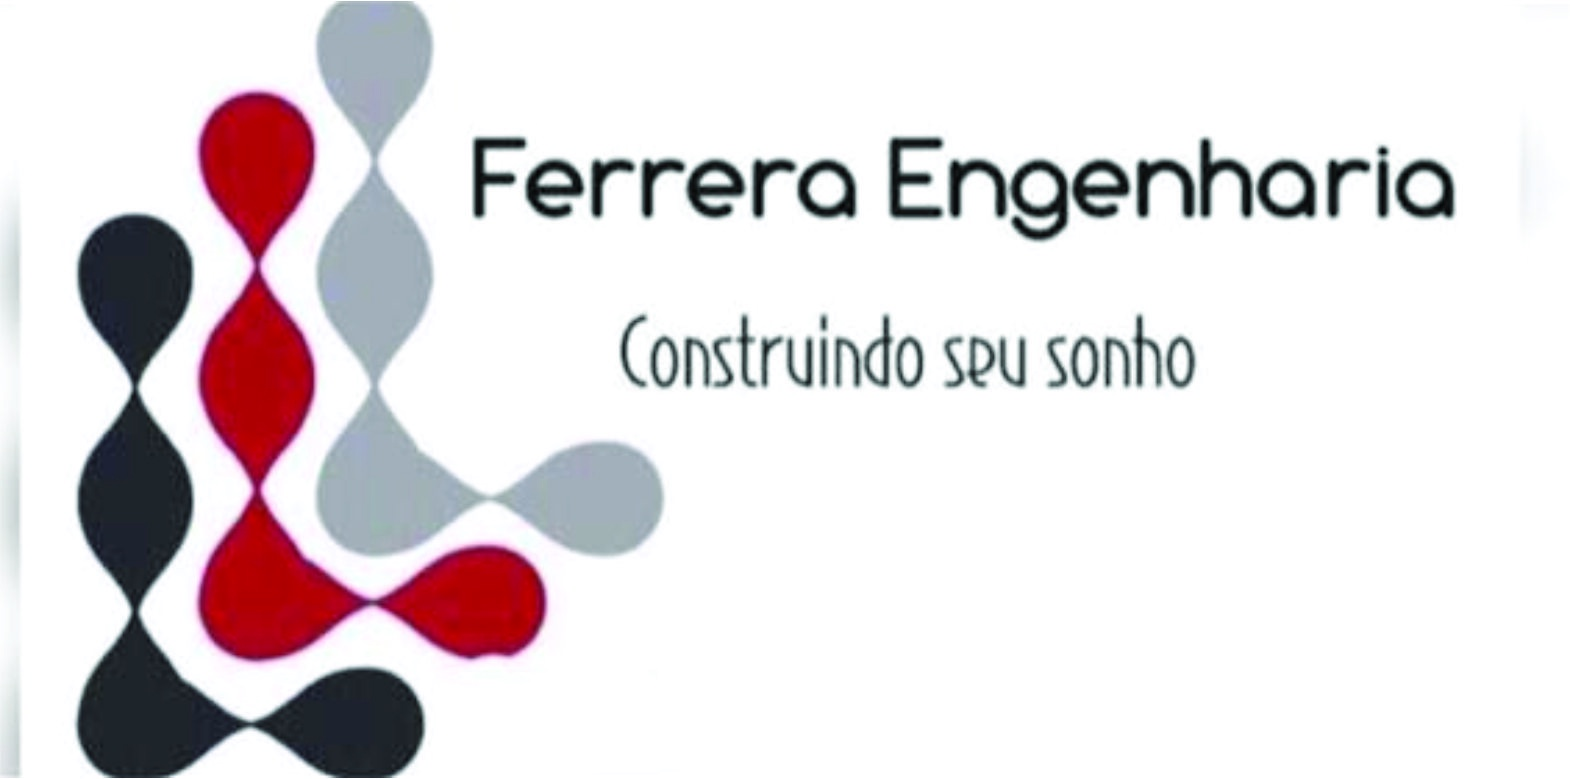 Ferrera Engenharia